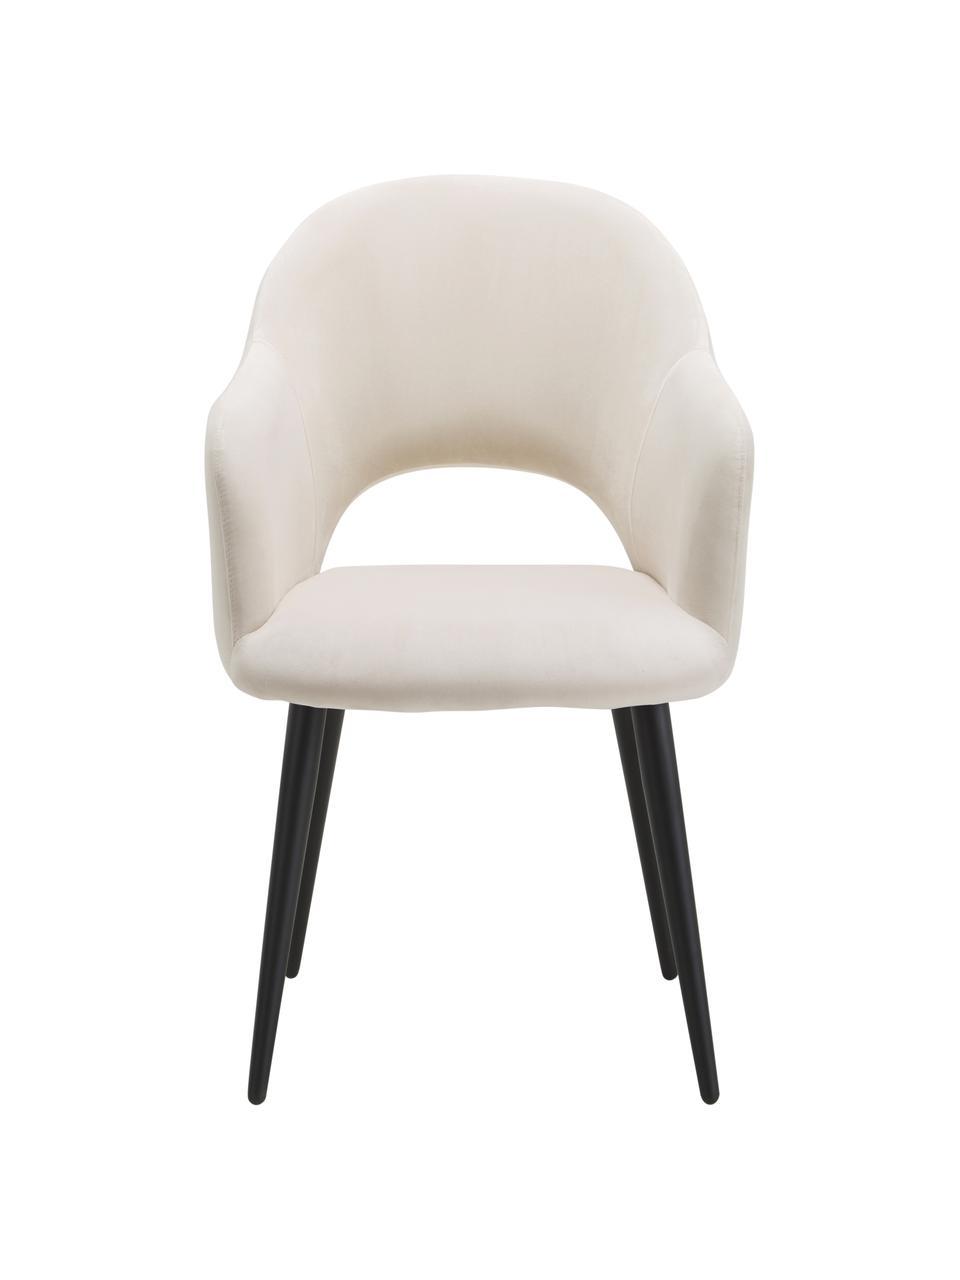 Sedia in velluto con braccioli Rachel, Rivestimento: velluto (poliestere) Con , Gambe: metallo verniciato a polv, Velluto beige, Larg. 64 x Prof. 47 cm